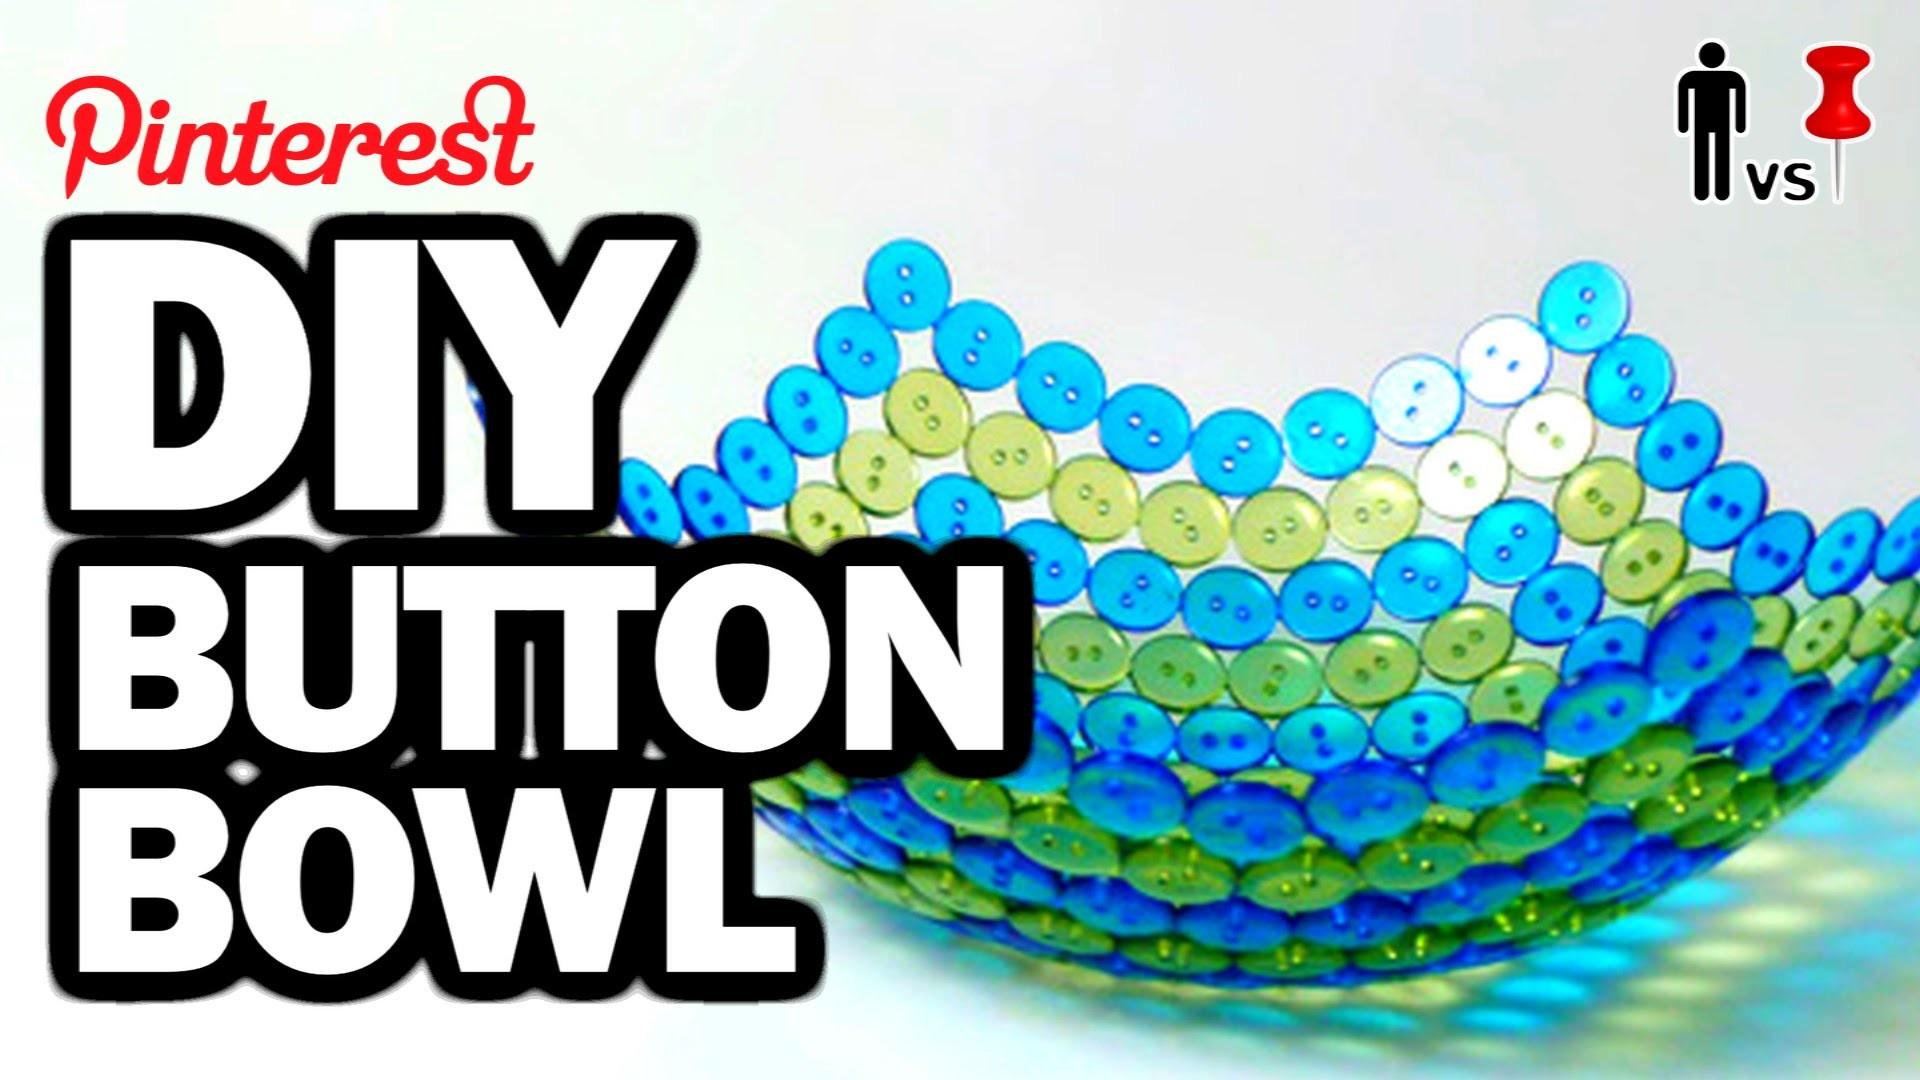 DIY Button Bowl - Man  Vs Pin - Pinterest Test #64